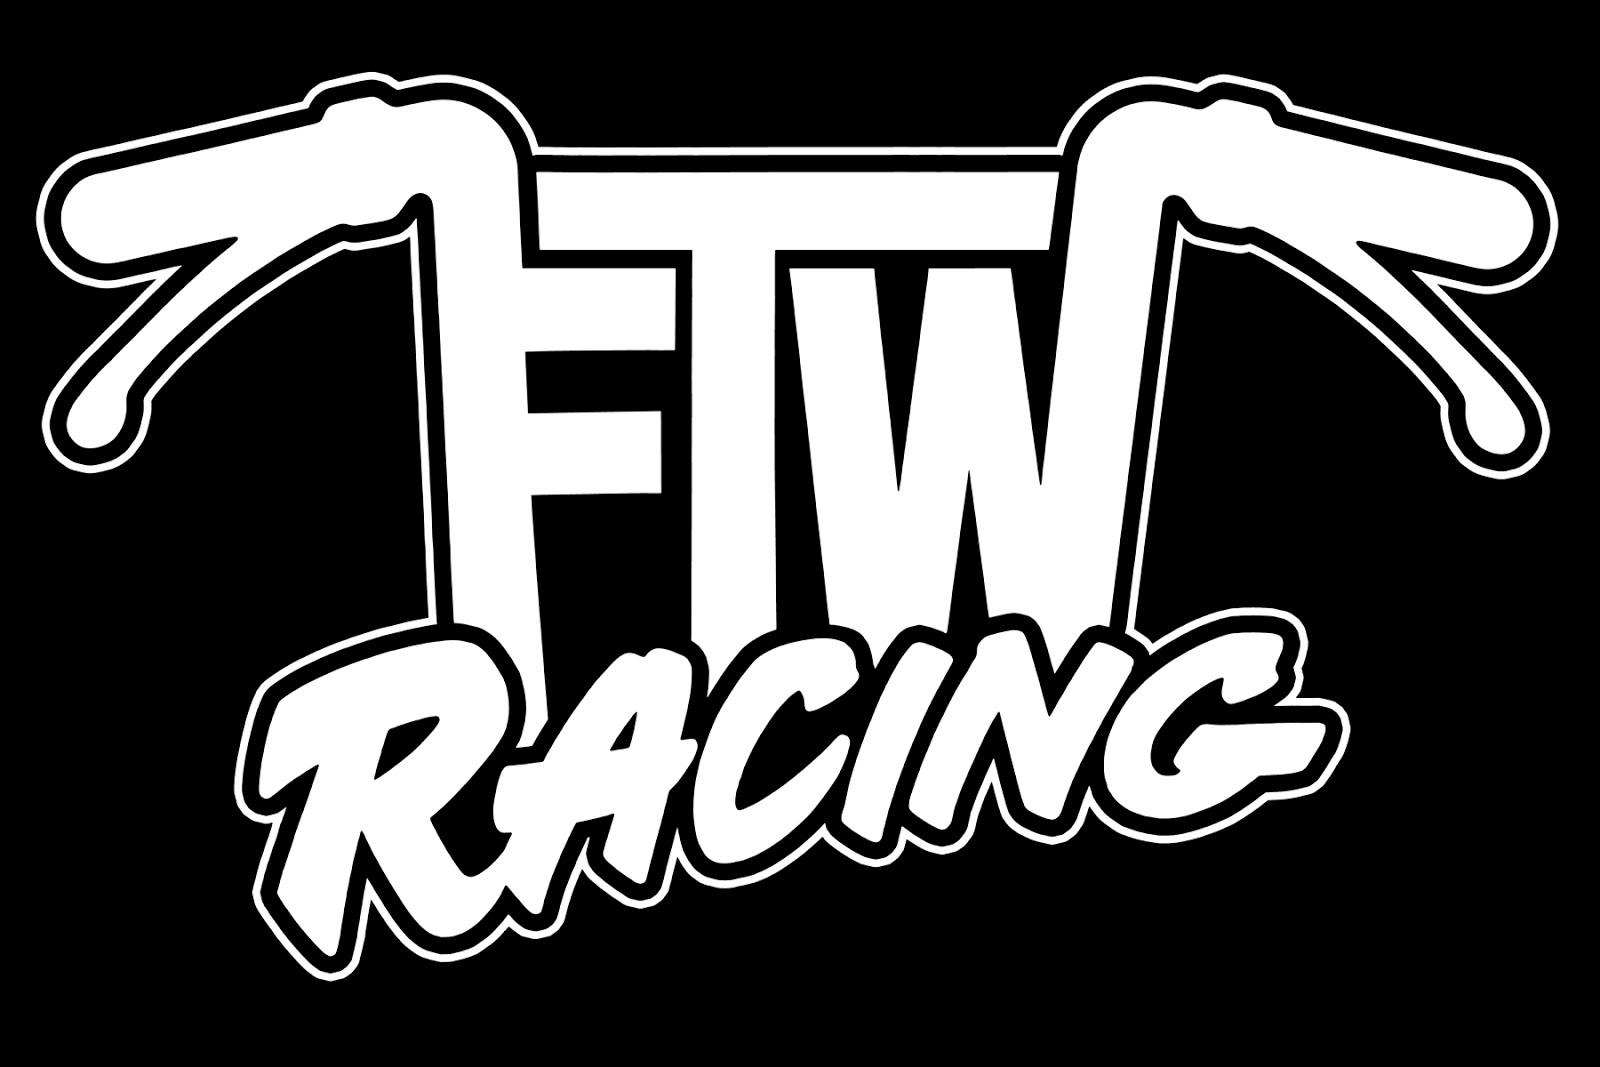 http://ftwco.com/ftwracing.html